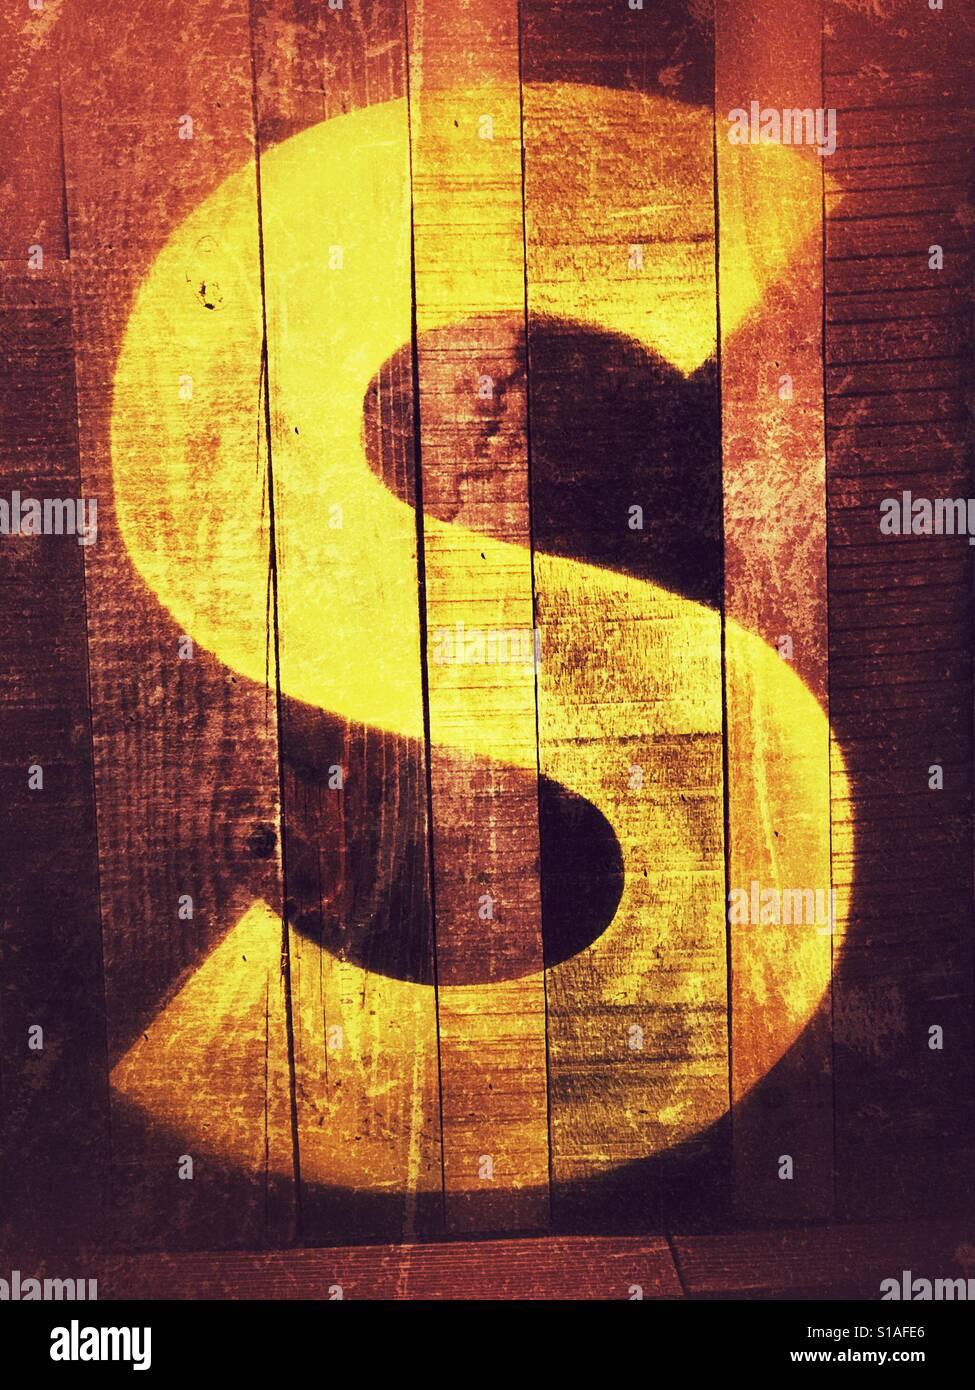 Buchstabe S gedruckt auf Wand Stockfoto